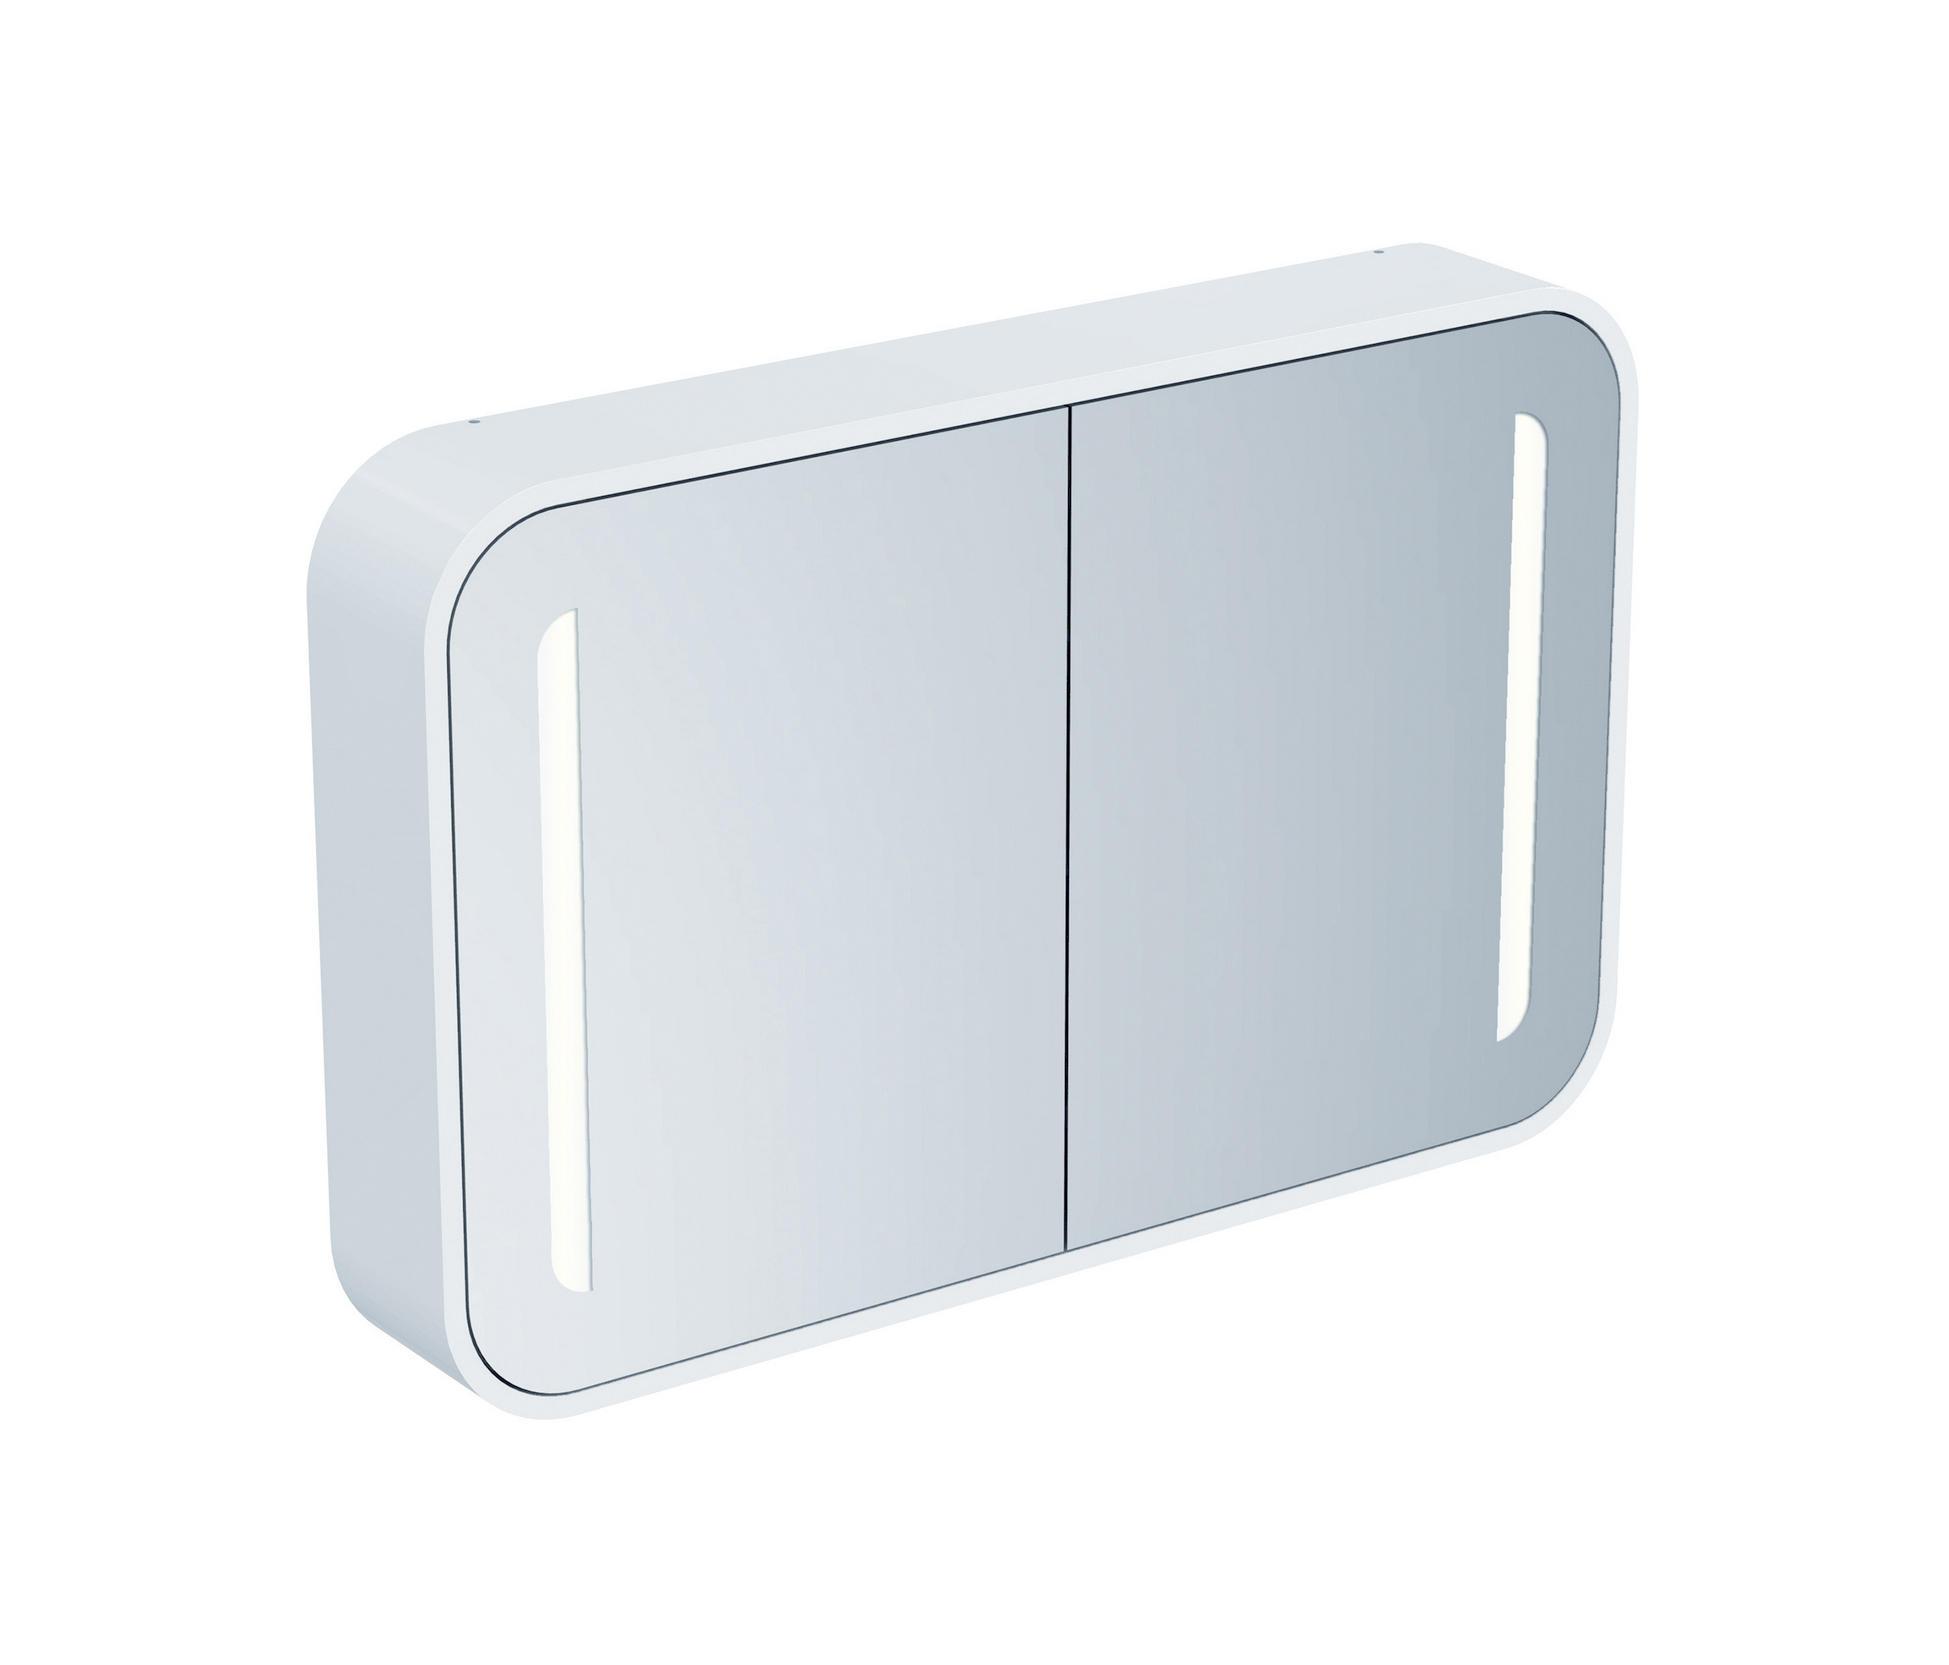 dea spiegelschrank mit licht 1000mm mirror cabinets from. Black Bedroom Furniture Sets. Home Design Ideas